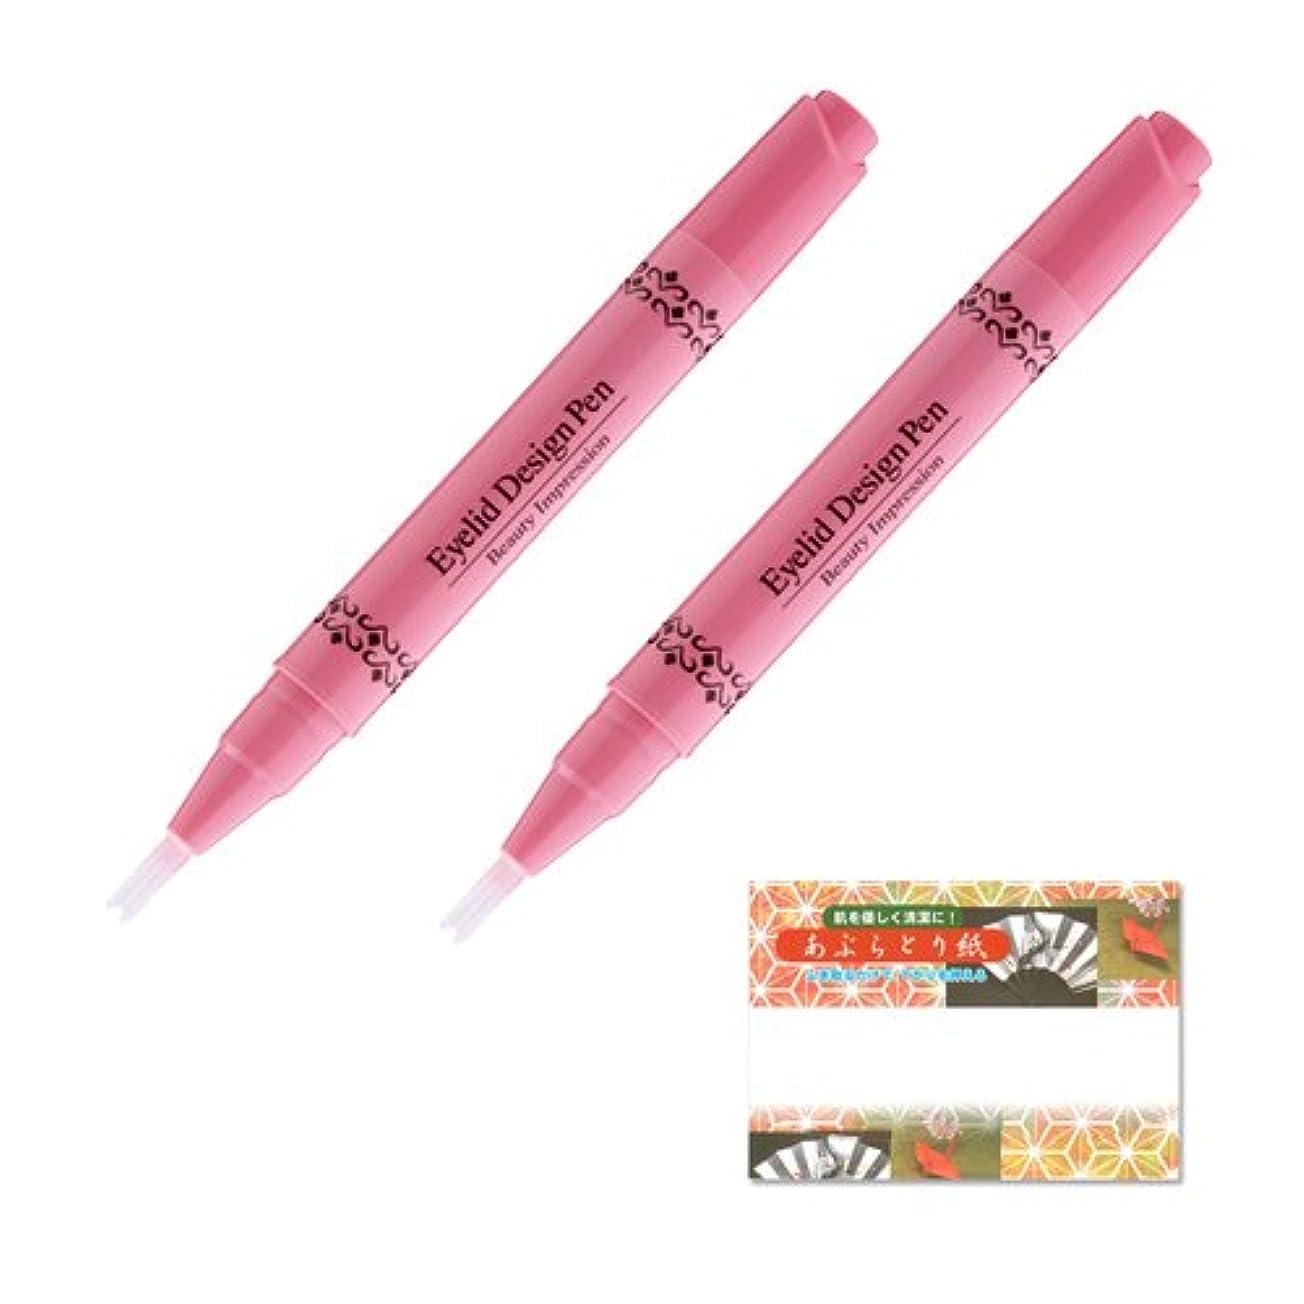 正義配管学校の先生Beauty Impression アイリッドデザインペン 2ml (二重まぶた形成化粧品) ×2組 油取り紙のセット